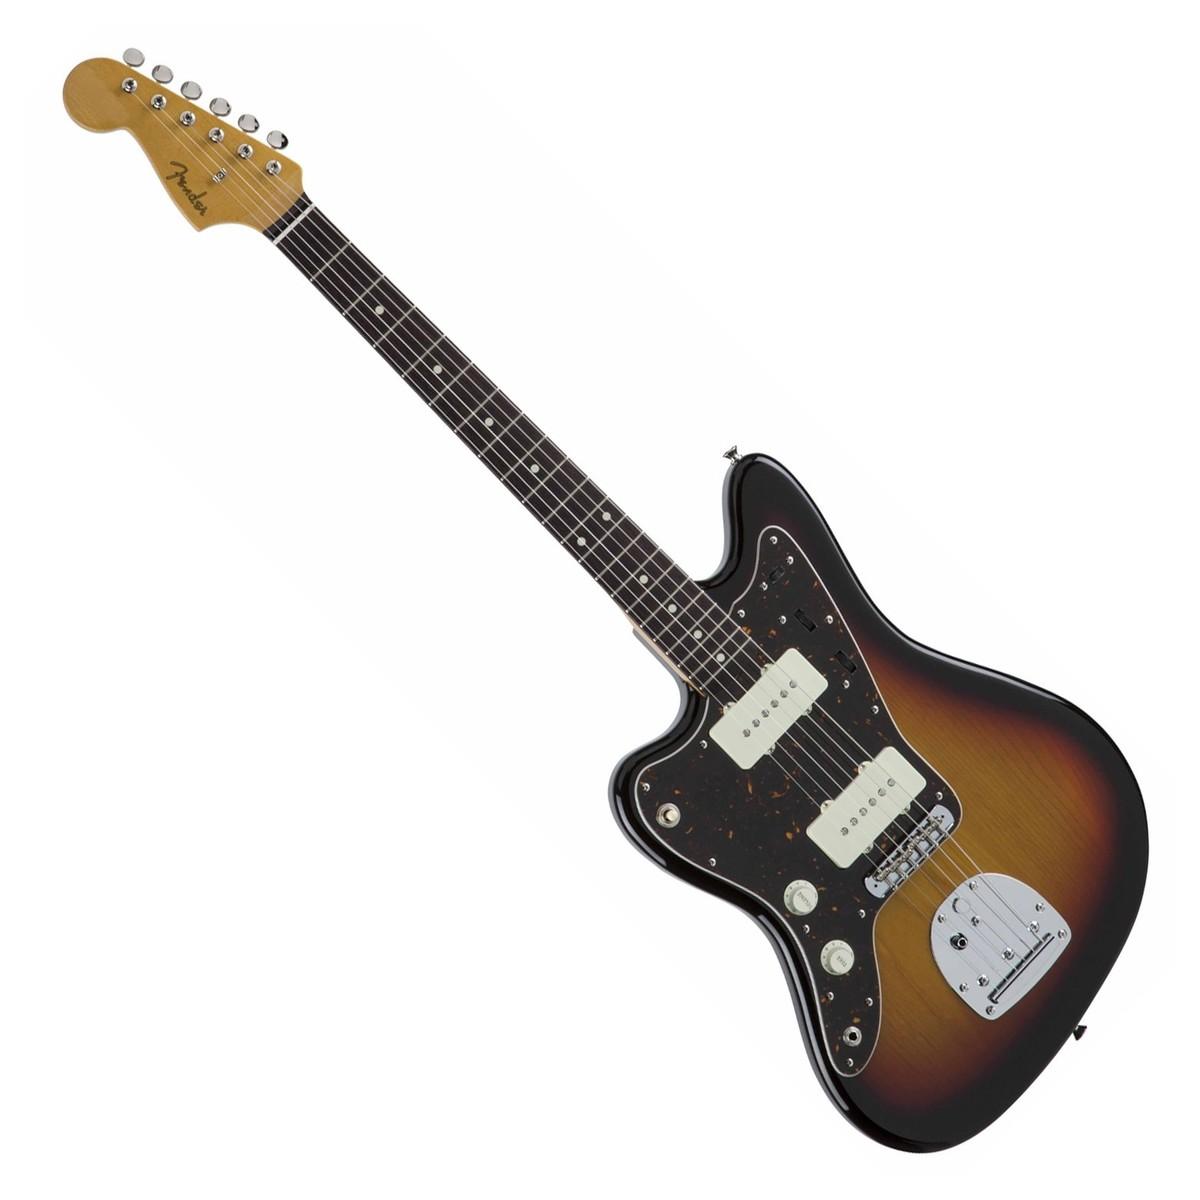 MIJ Pickguard For Fender Jazz Bass Tortoise Shell Lefty